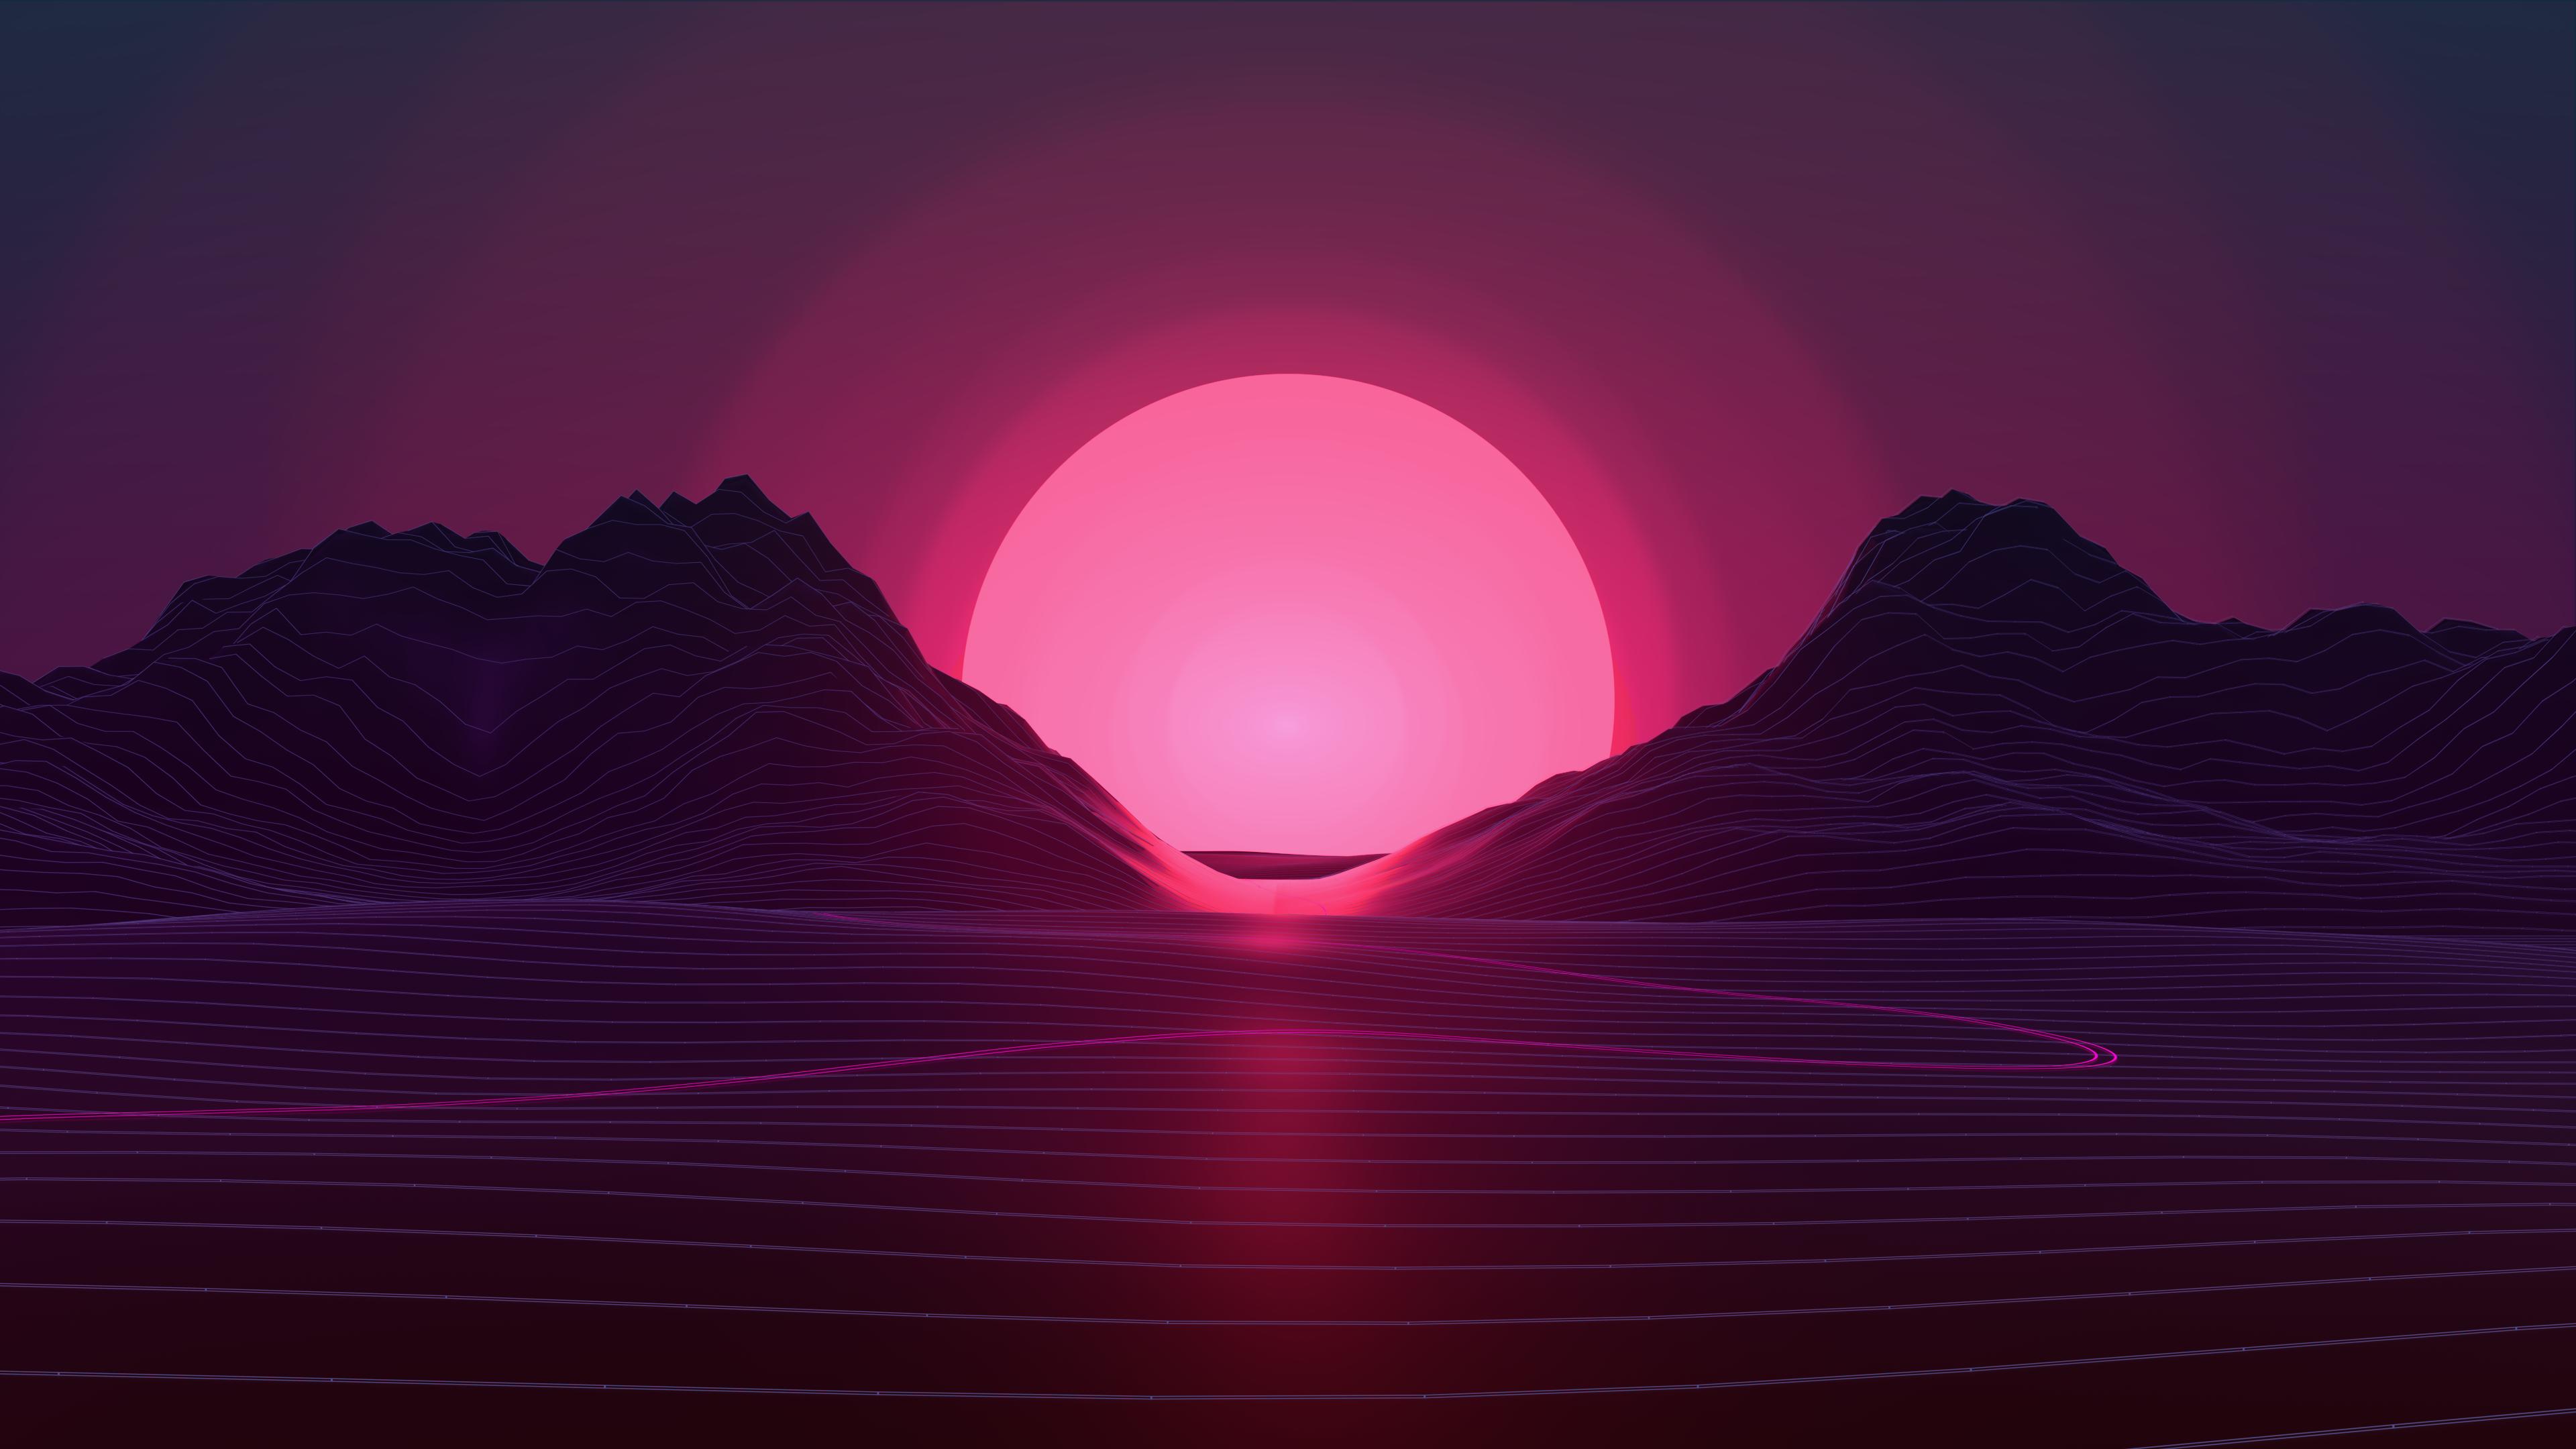 Neon Sunset 4k By Axiomdesign On Deviantart